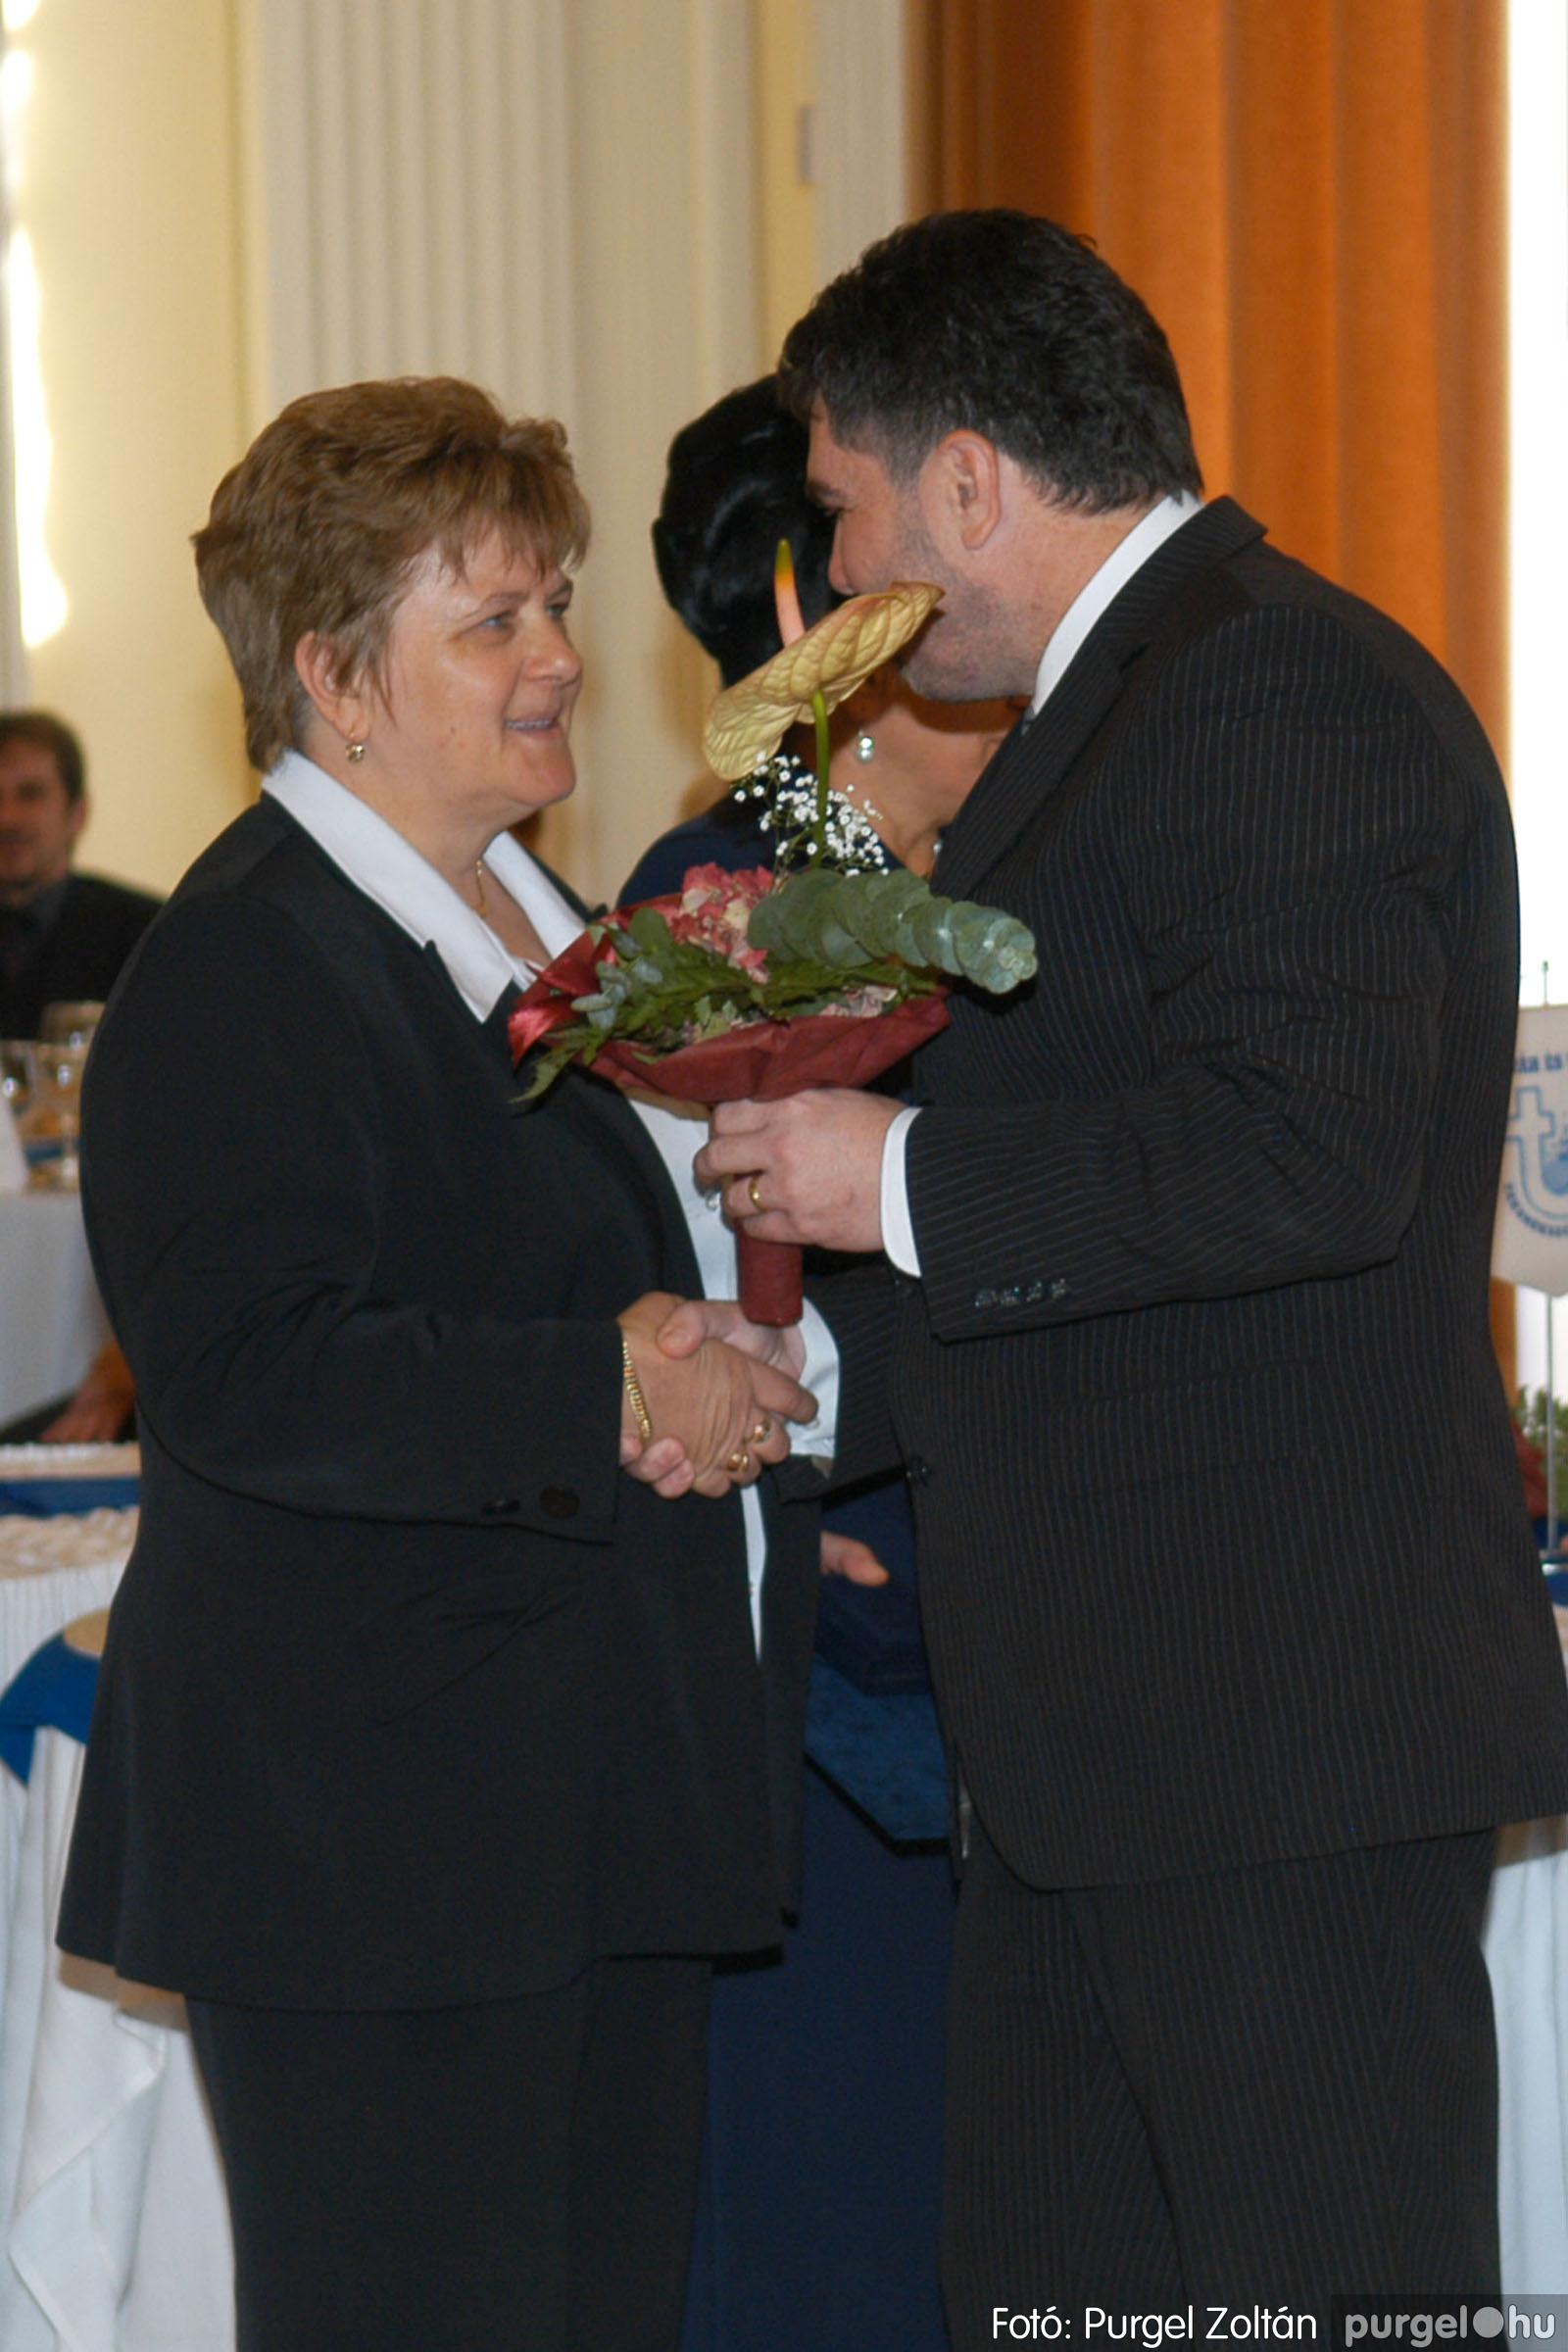 2010.10.28. 093 Szegvár és Vidéke Takarékszövetkezet takarékossági világnap rendezvény - Fotó:P. Z..jpg